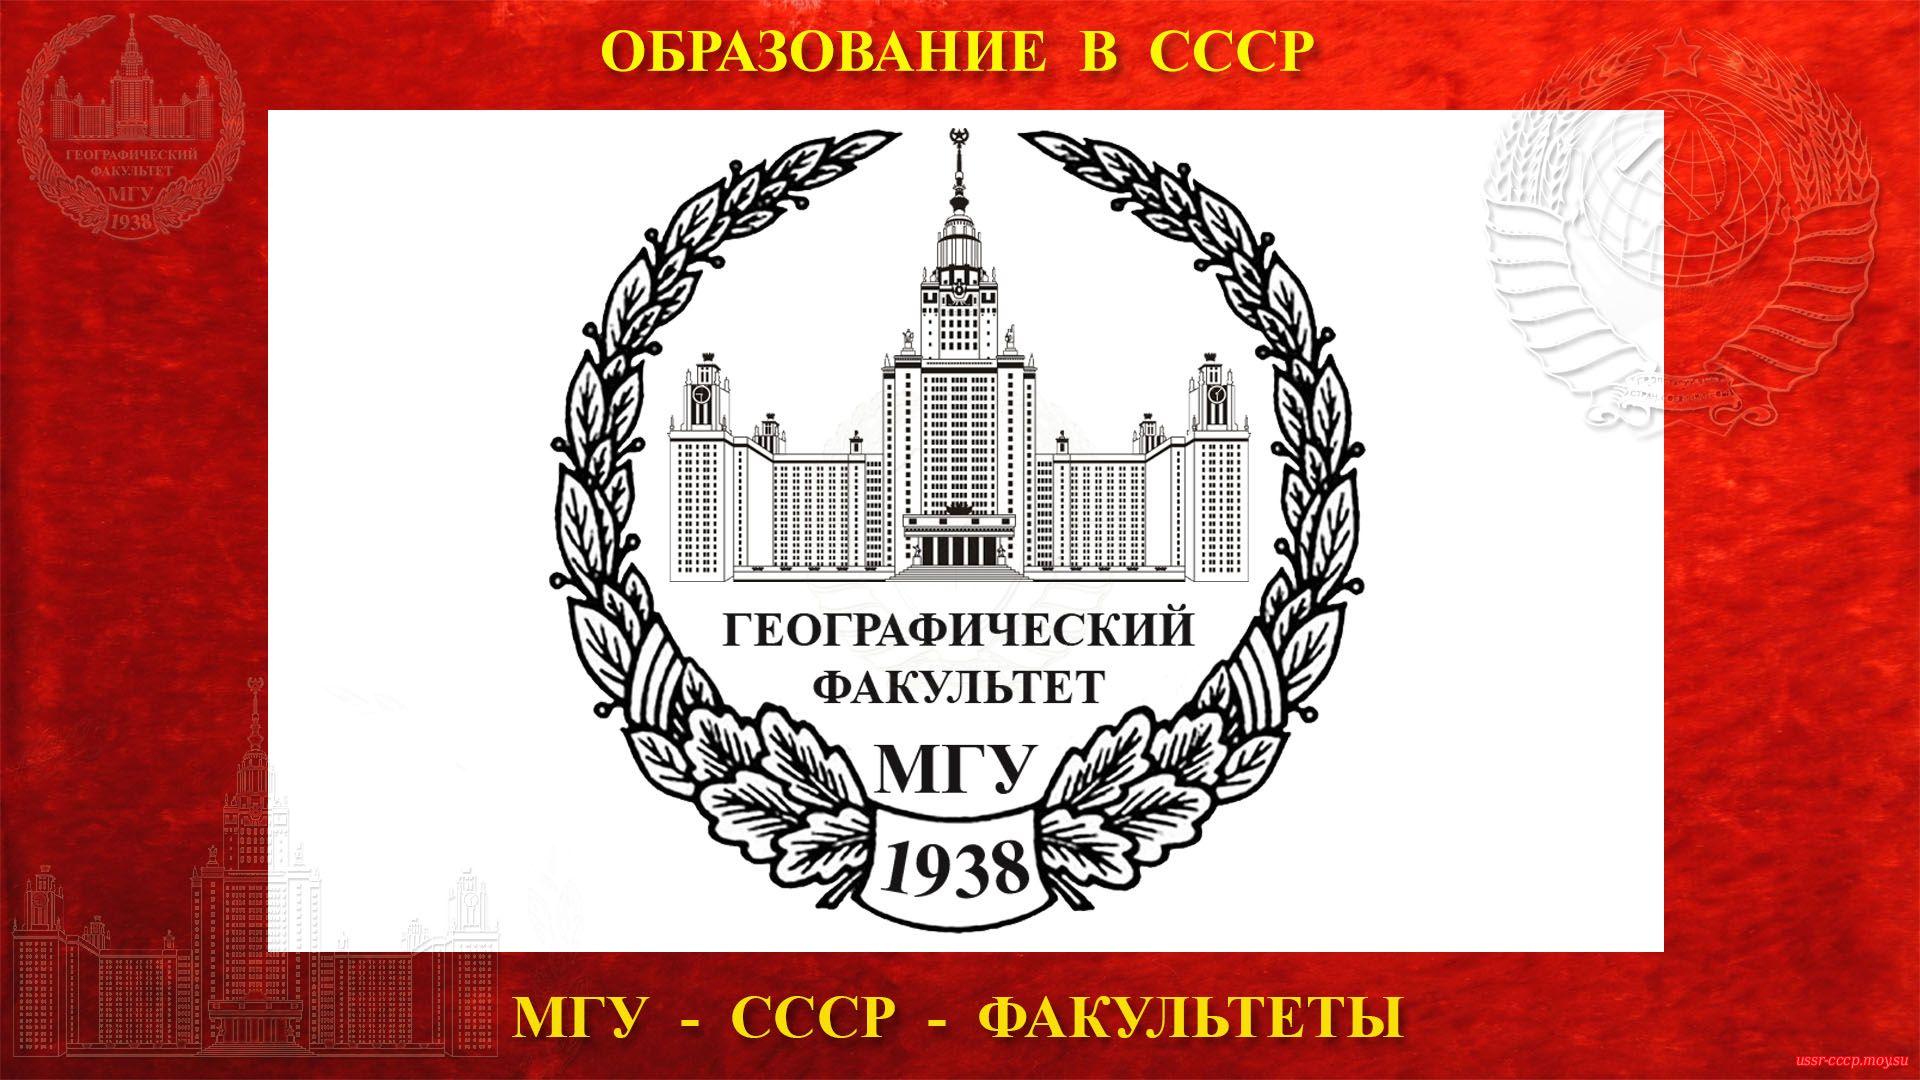 Географический факультет МГУ — (23.07.1938)